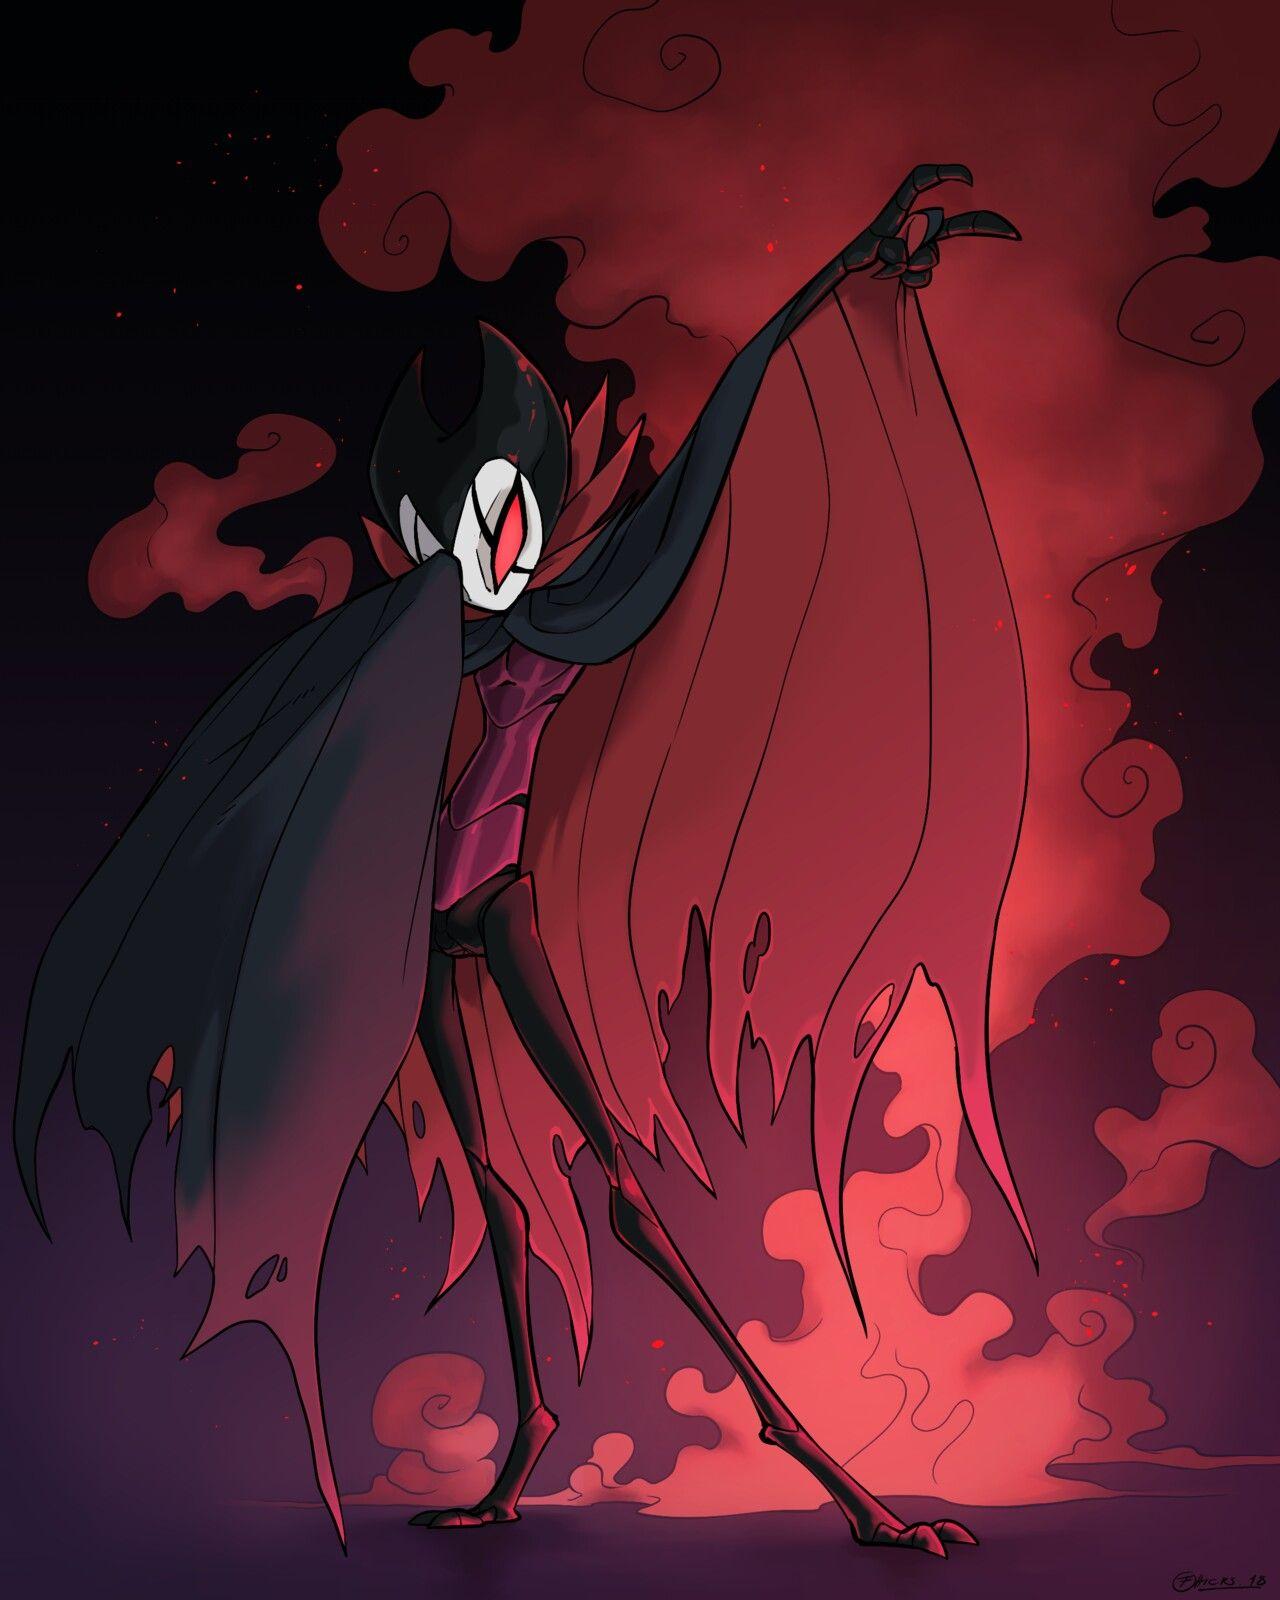 Pin by Demonic_Dounut on Hollow Knight Hollow art, Grimm